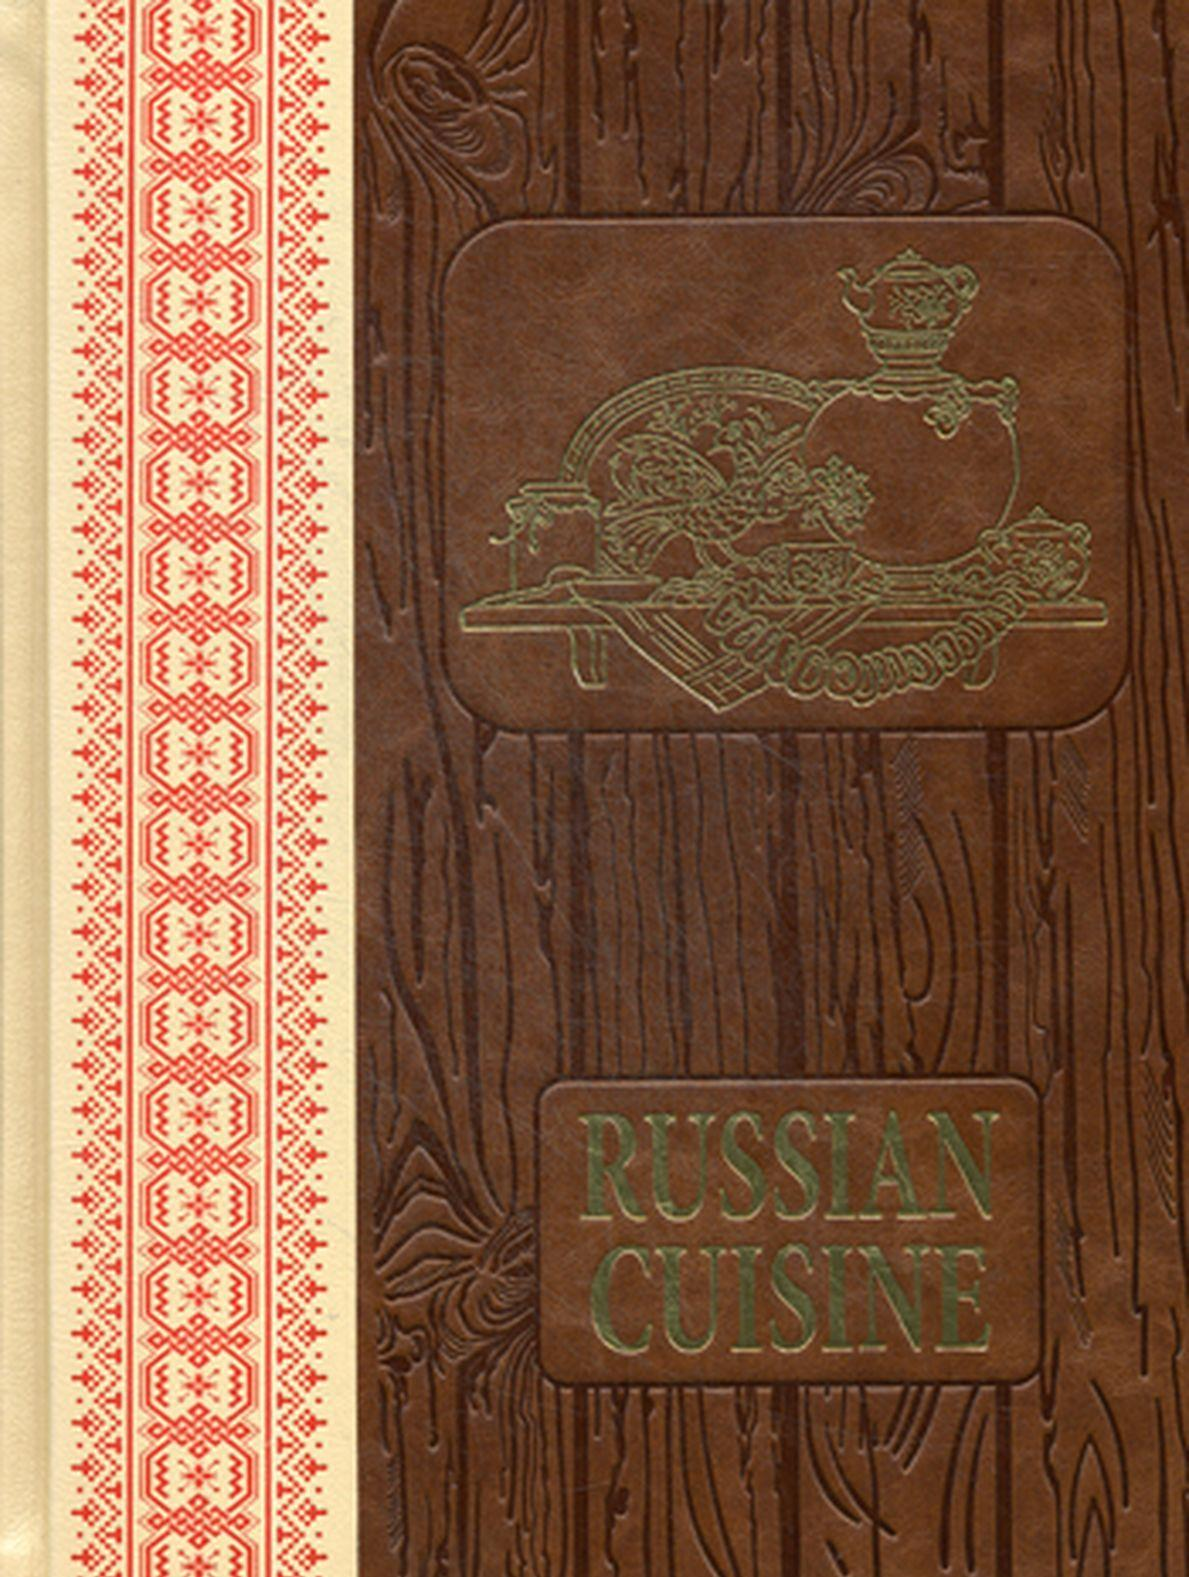 Russian Cuisine / Russkaja kukhnja (ekskljuzivnoe podarochnoe izdanie)